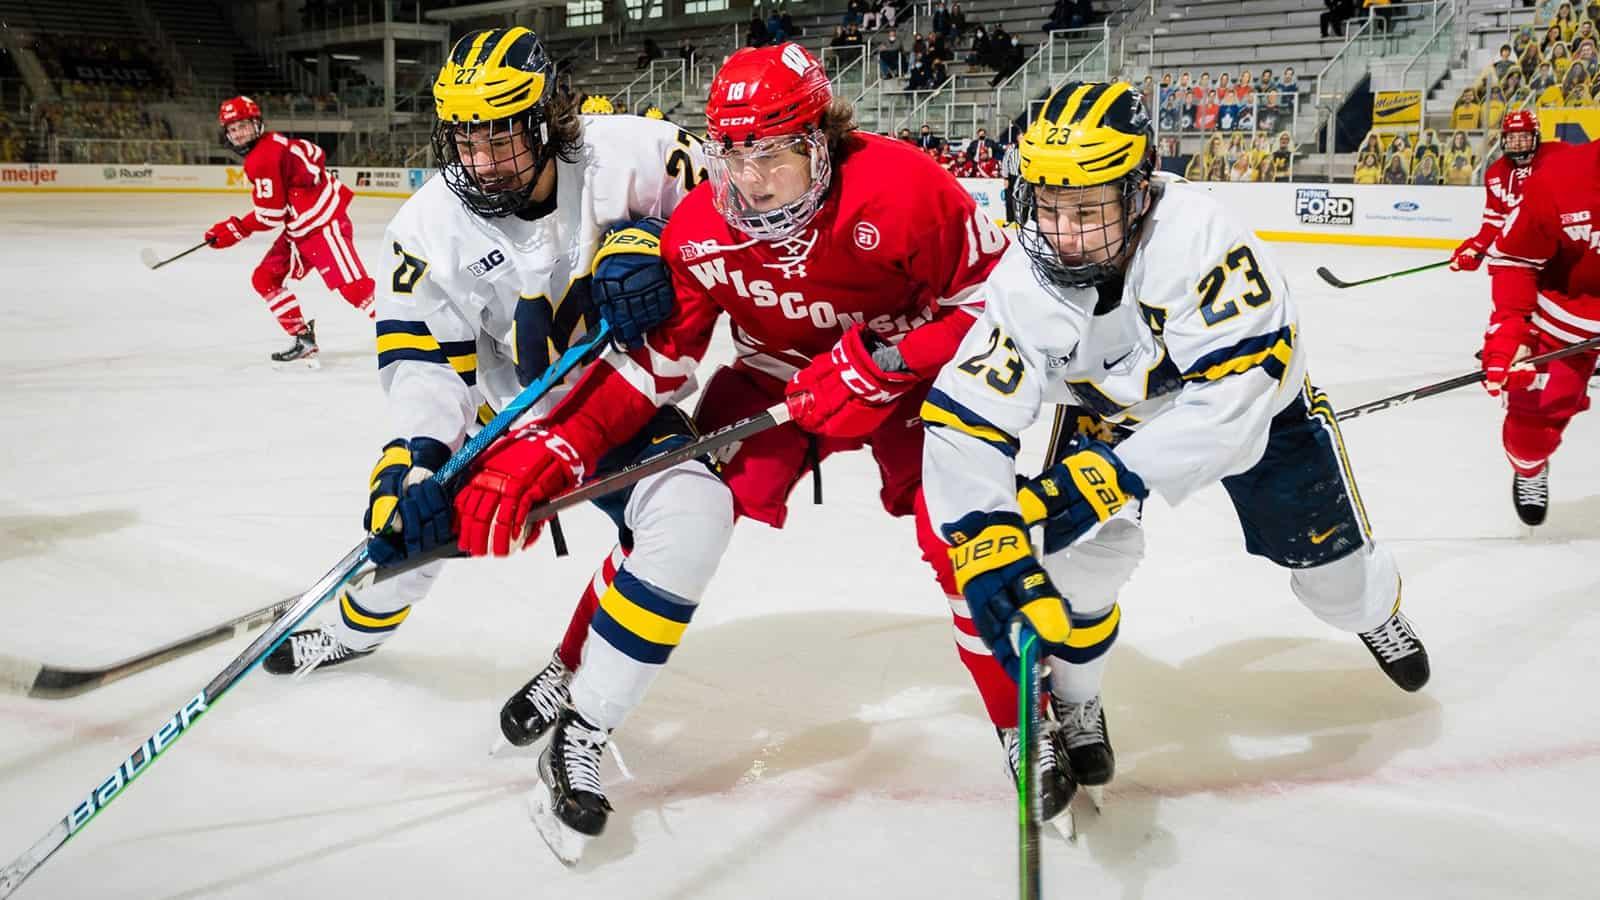 Hockey Là Gì? Hướng Dẫn Luật Chơi Môn Hockey (Khúc Côn Cầu)